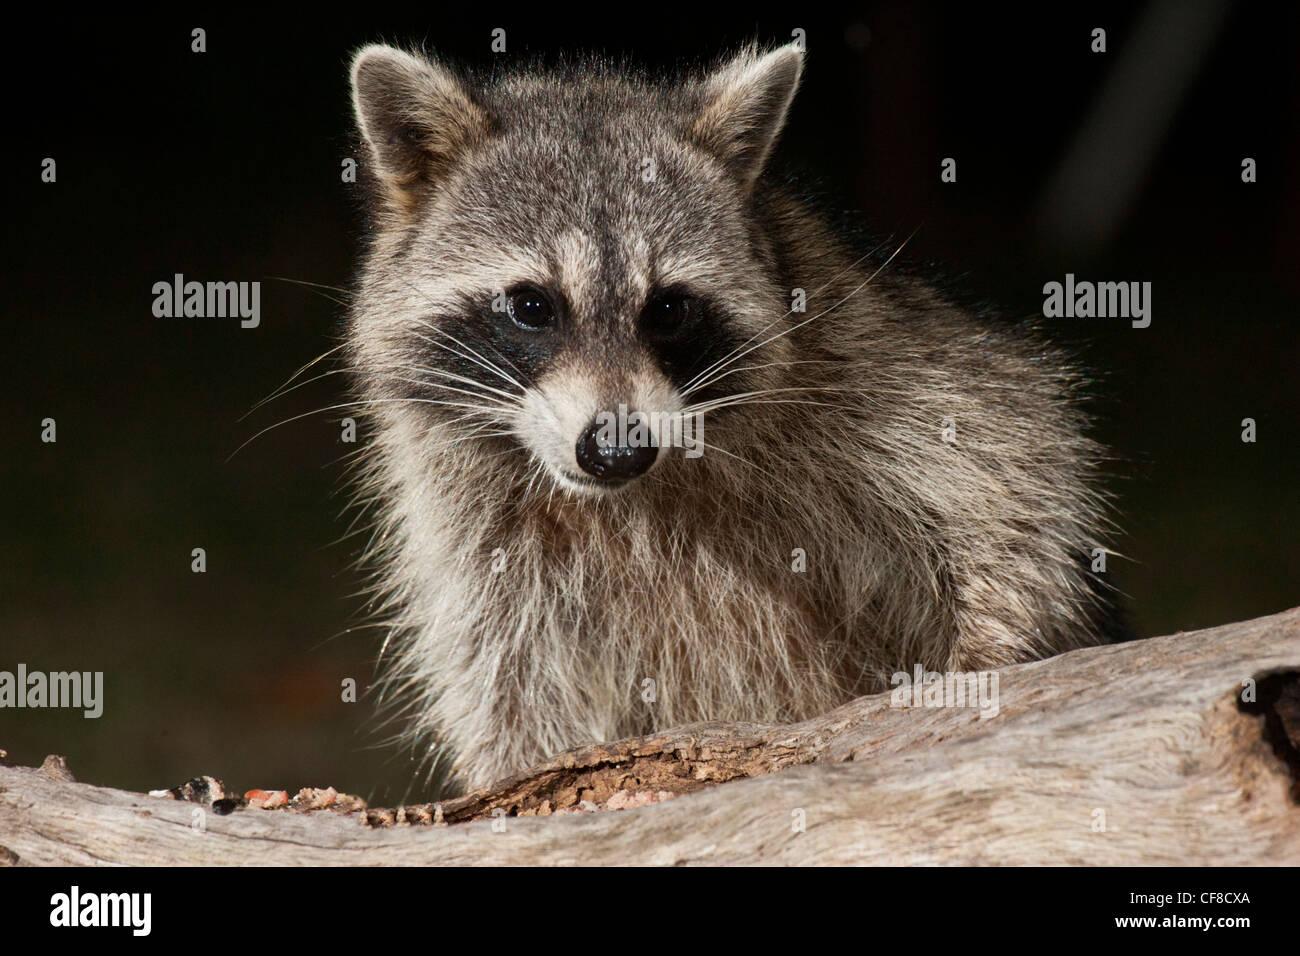 Raccoon durante la noche en Texas Imagen De Stock